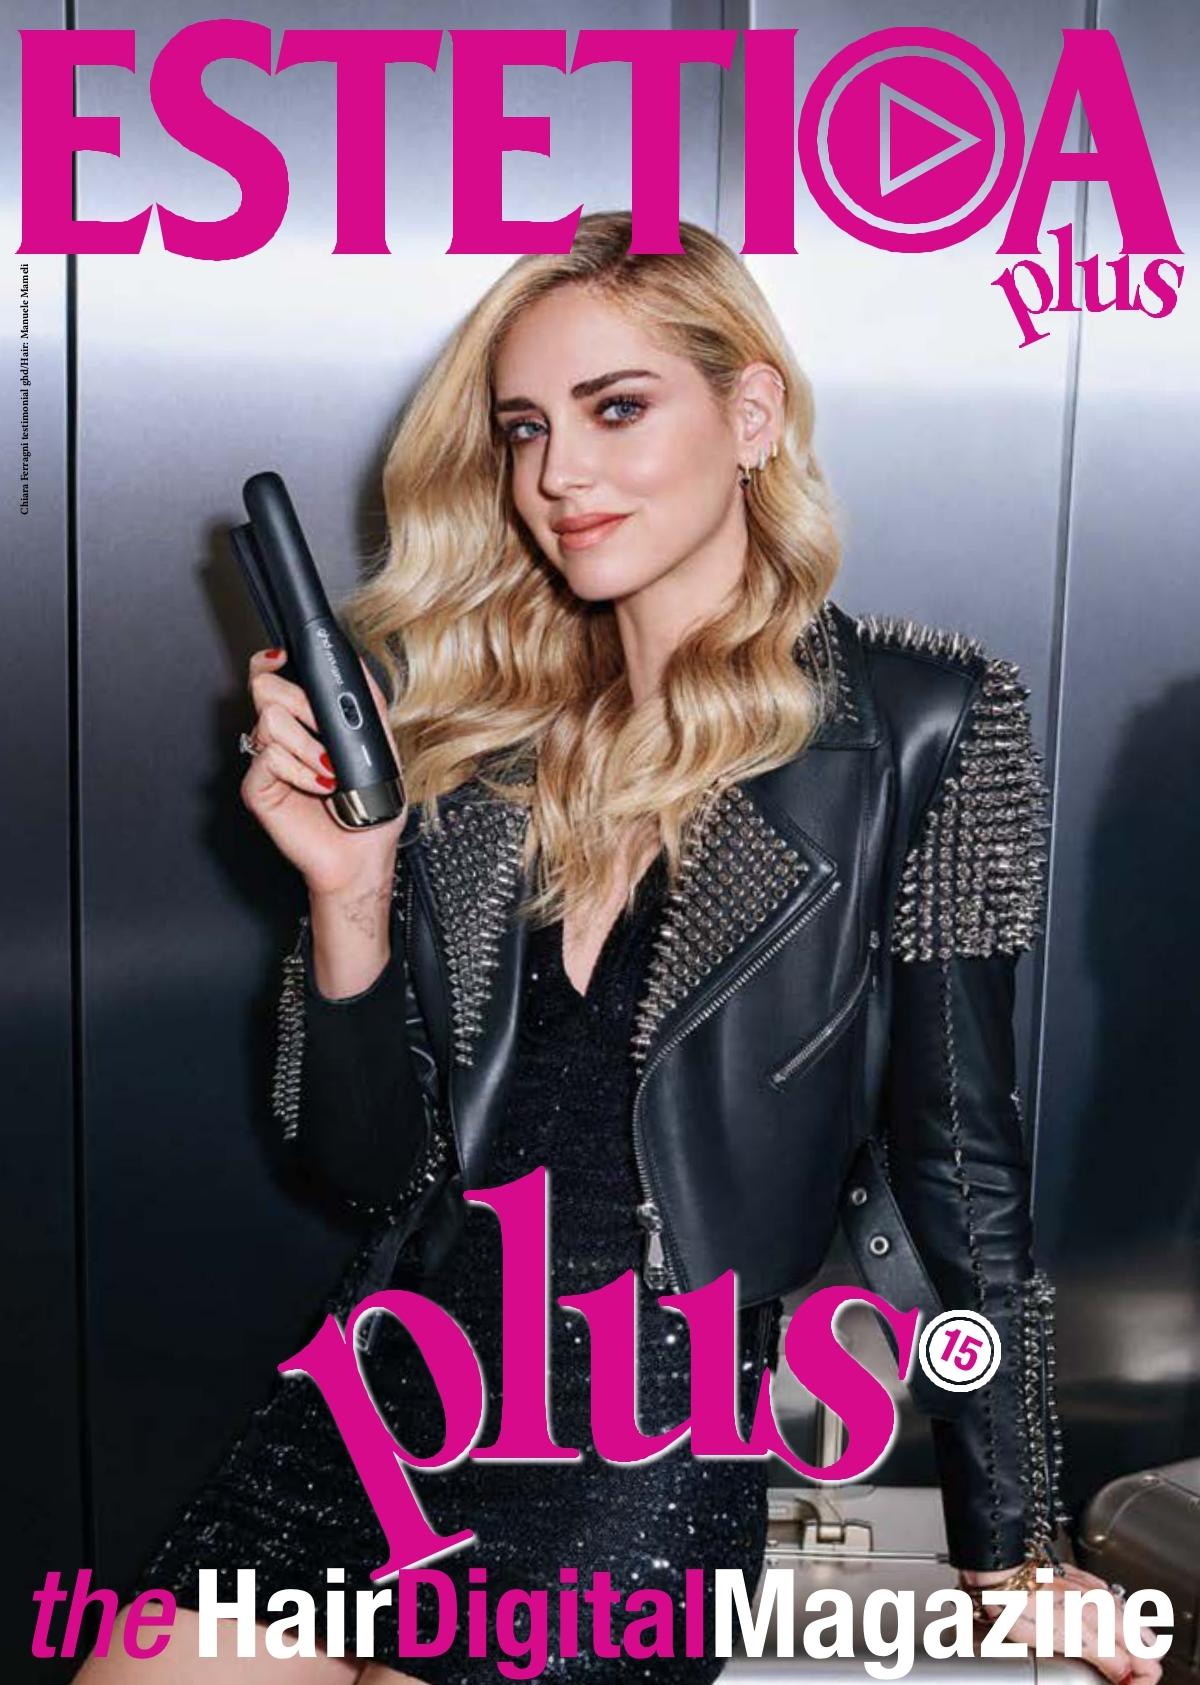 EsteticaPlus Cover